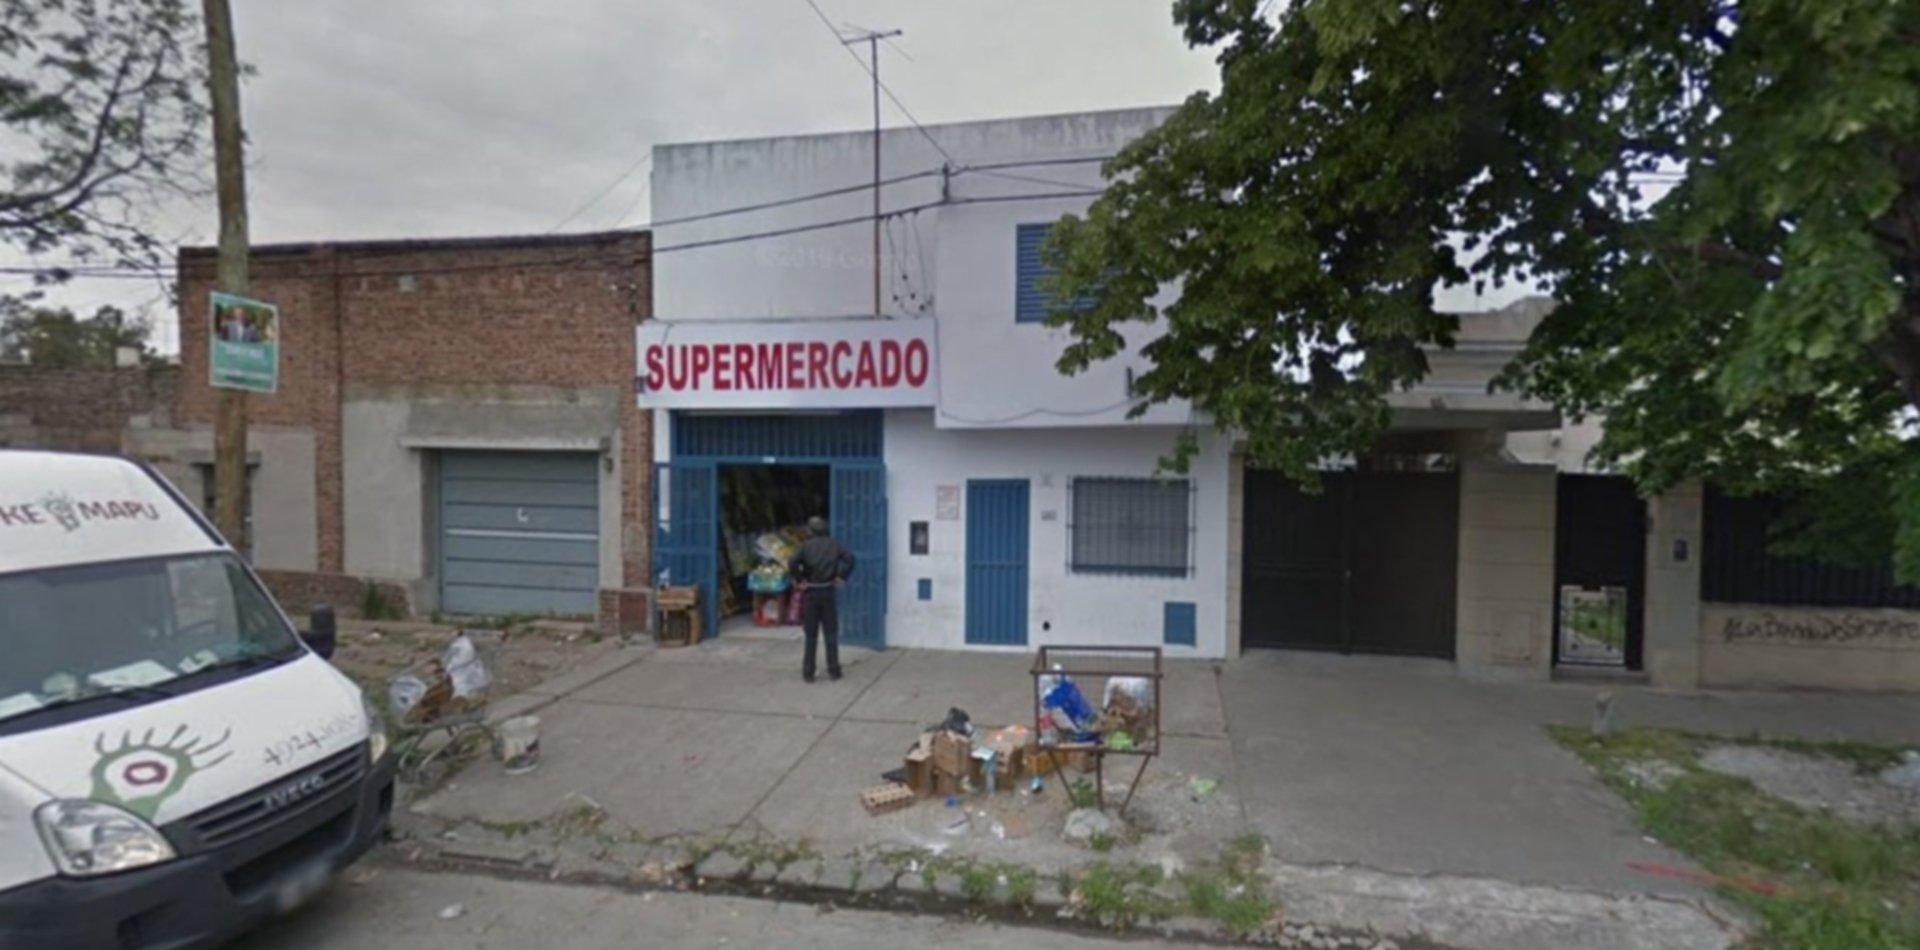 Seis ladrones golpearon al dueño de un súper chino en La Plata, robaron alcohol y escaparon